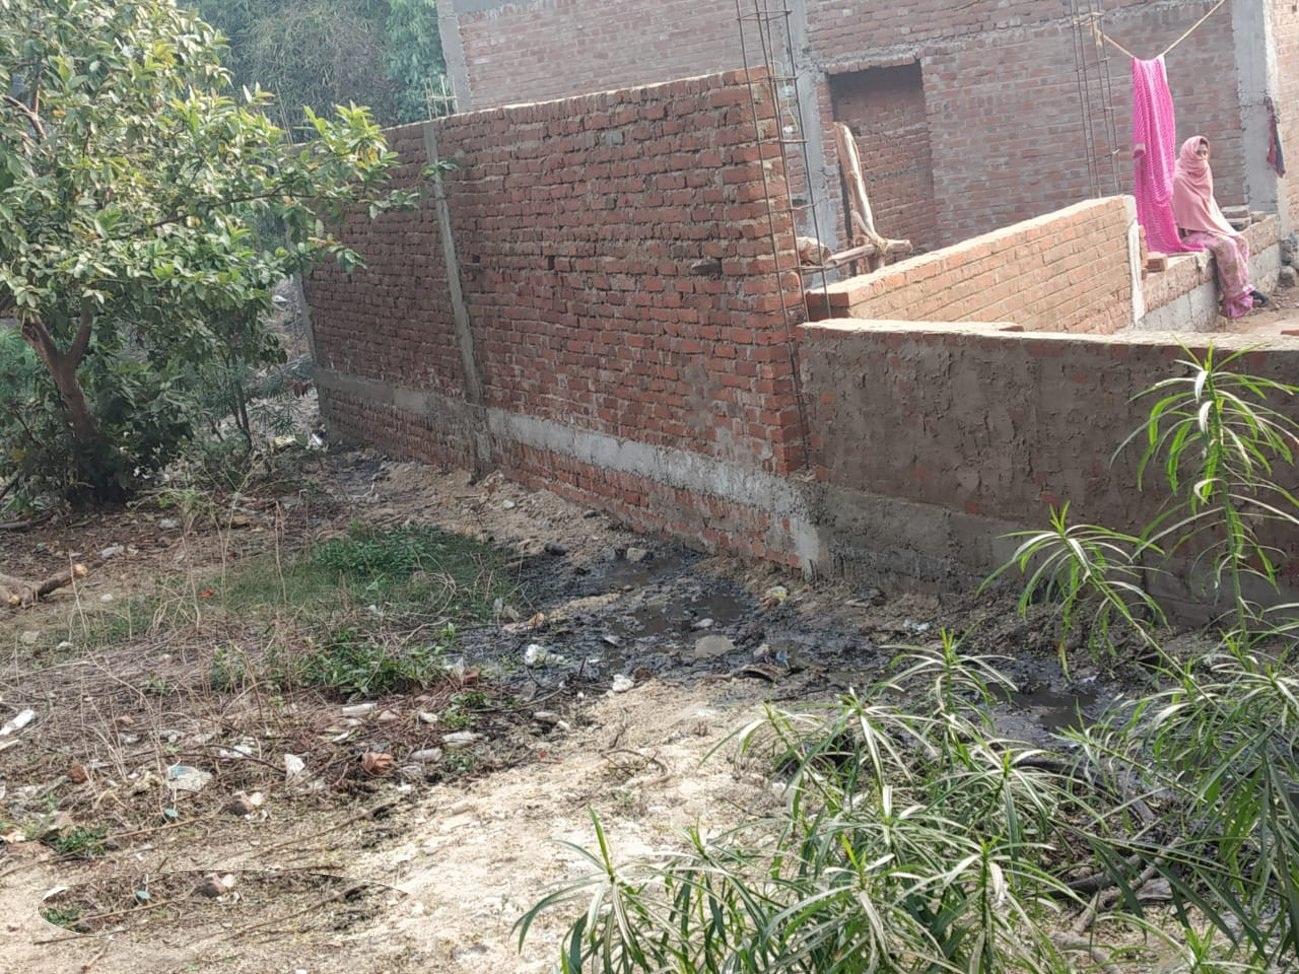 दबंग ने रोका 10 परिवारों के निस्तार का पानी